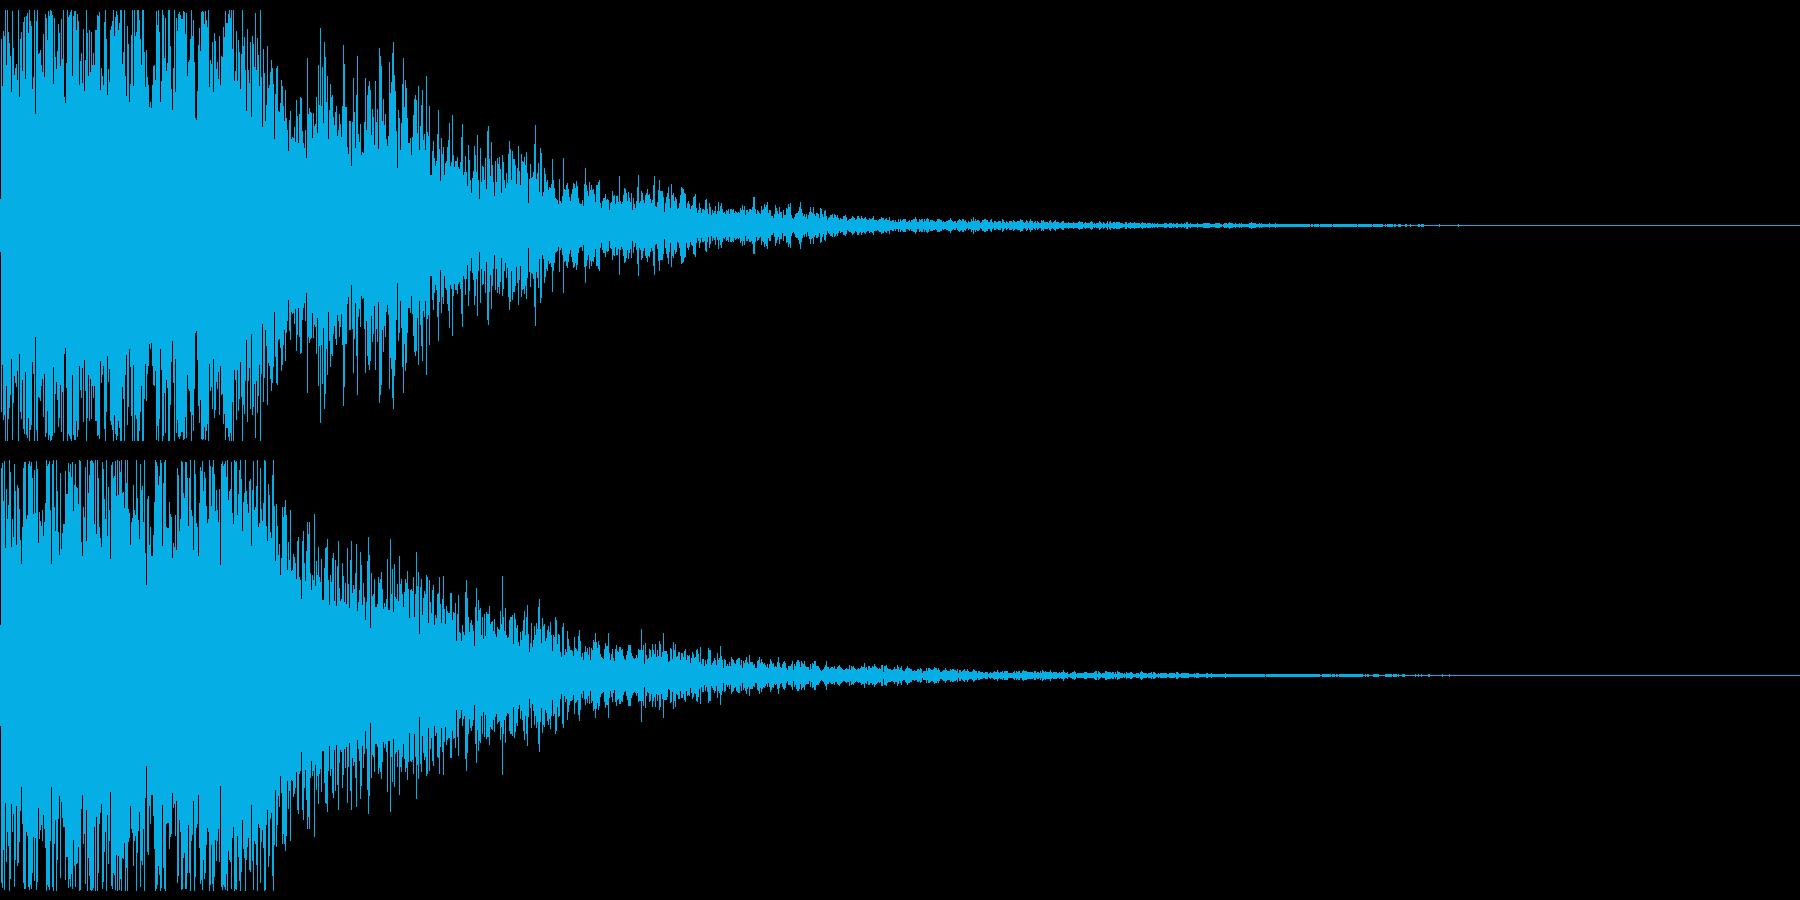 呪文を唱えた時 異変が起きた時の効果音の再生済みの波形